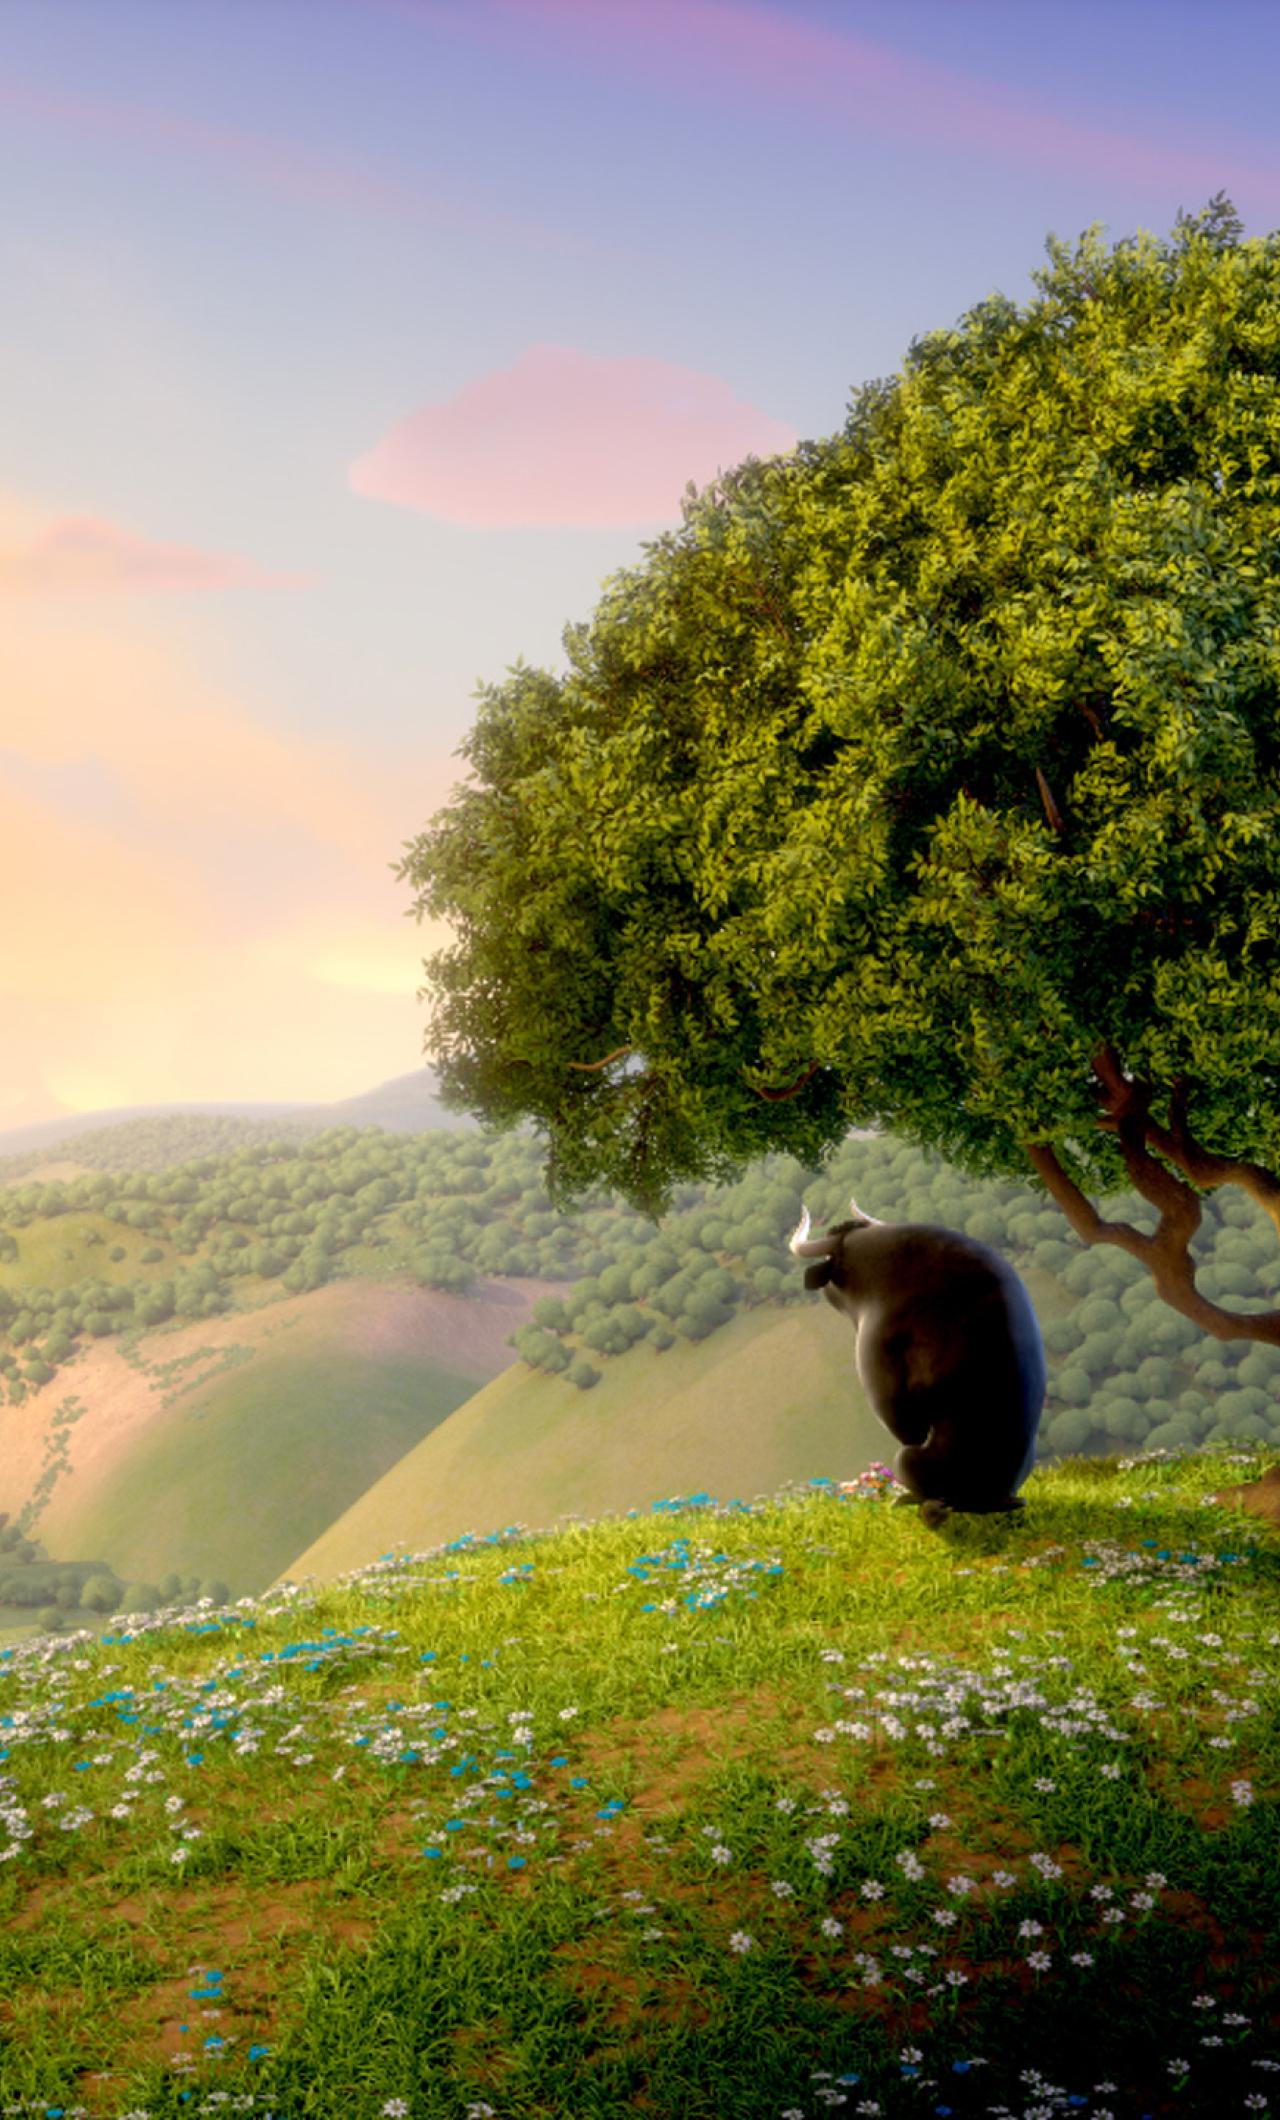 Ferdinand Movie Artwork Full HD 2K Wallpaper